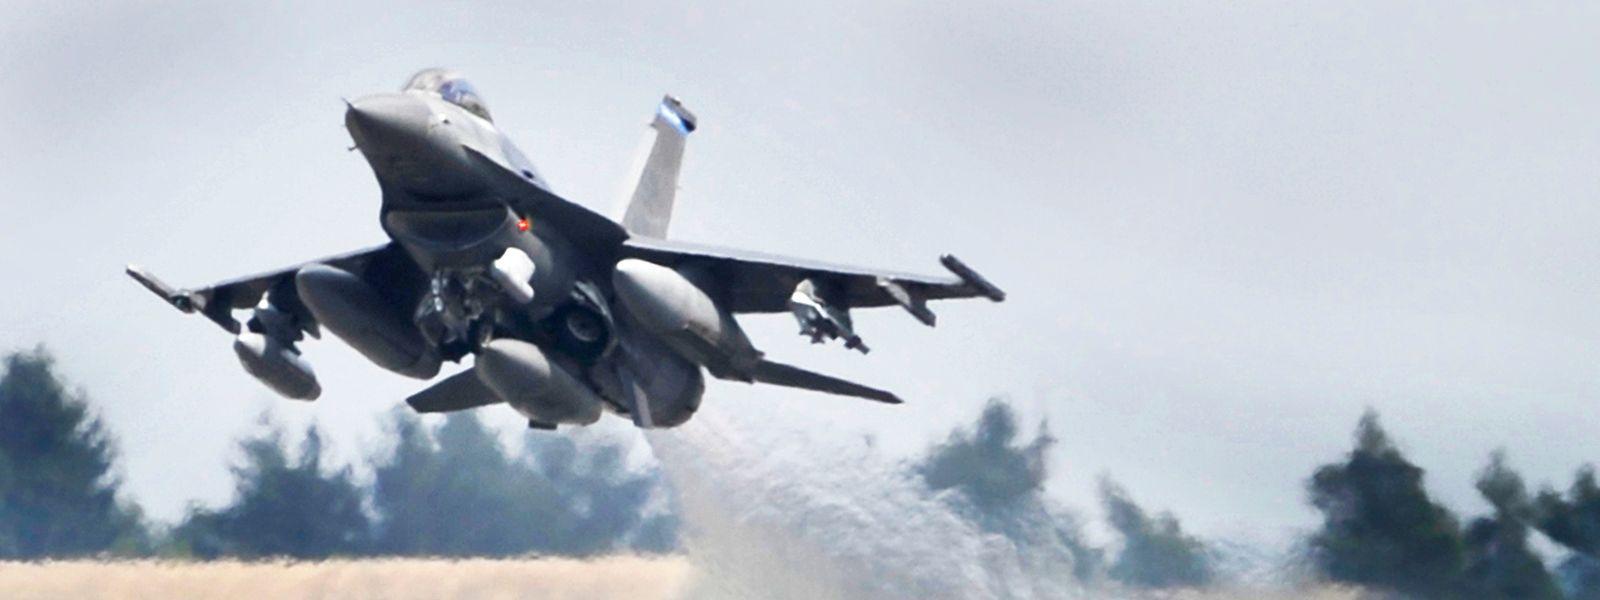 Spangdahlem in der Eifel: Ein US-Kampflugzeug vom Typ F-16 Falcon startet auf der Airbase.